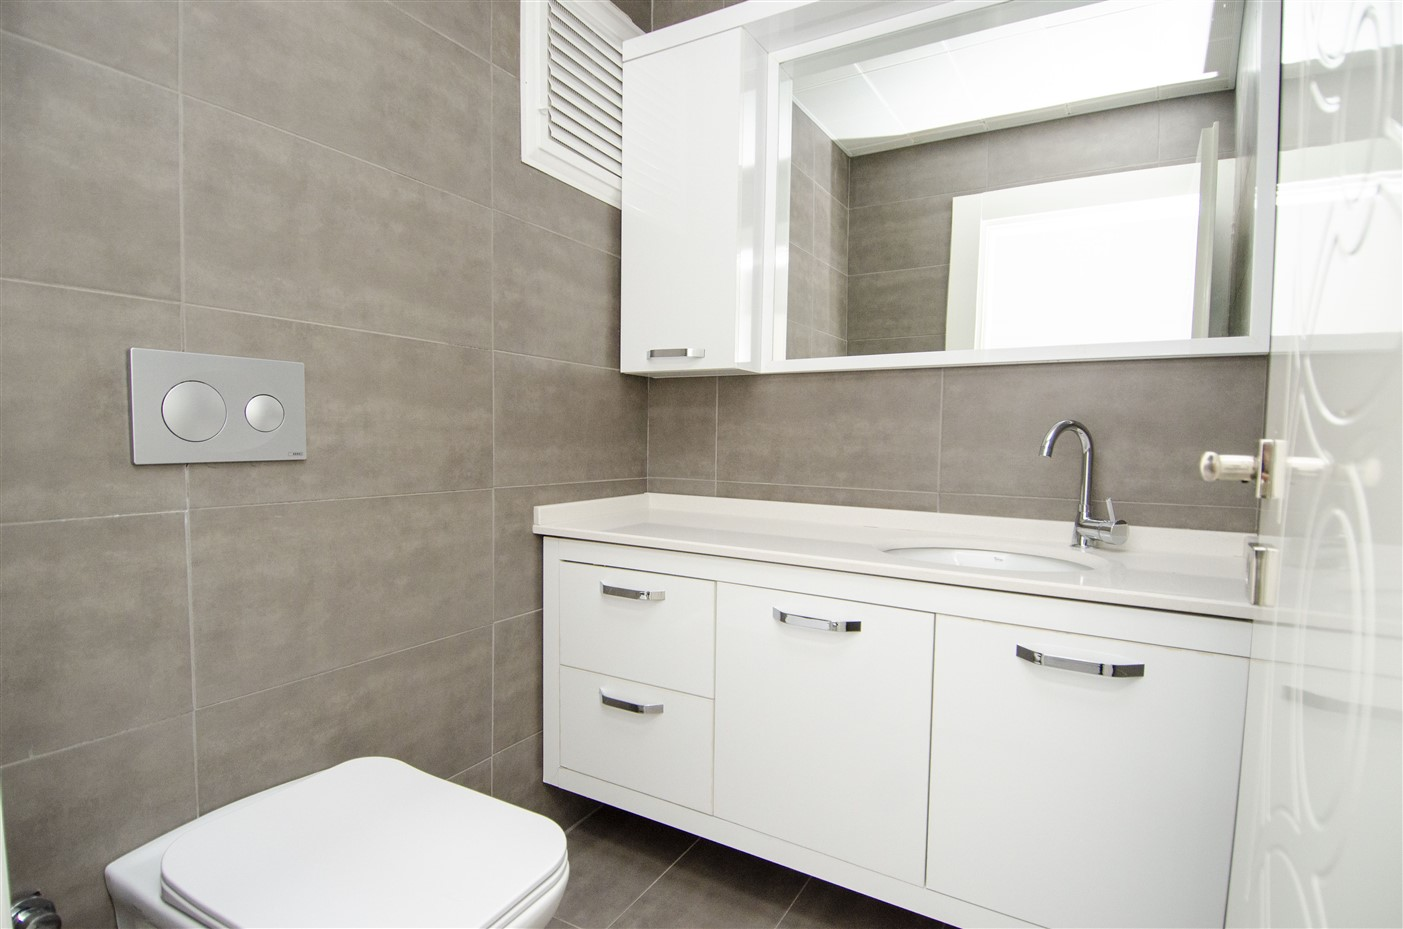 Новые апартаменты 2+1 в центре Анталии - Фото 13